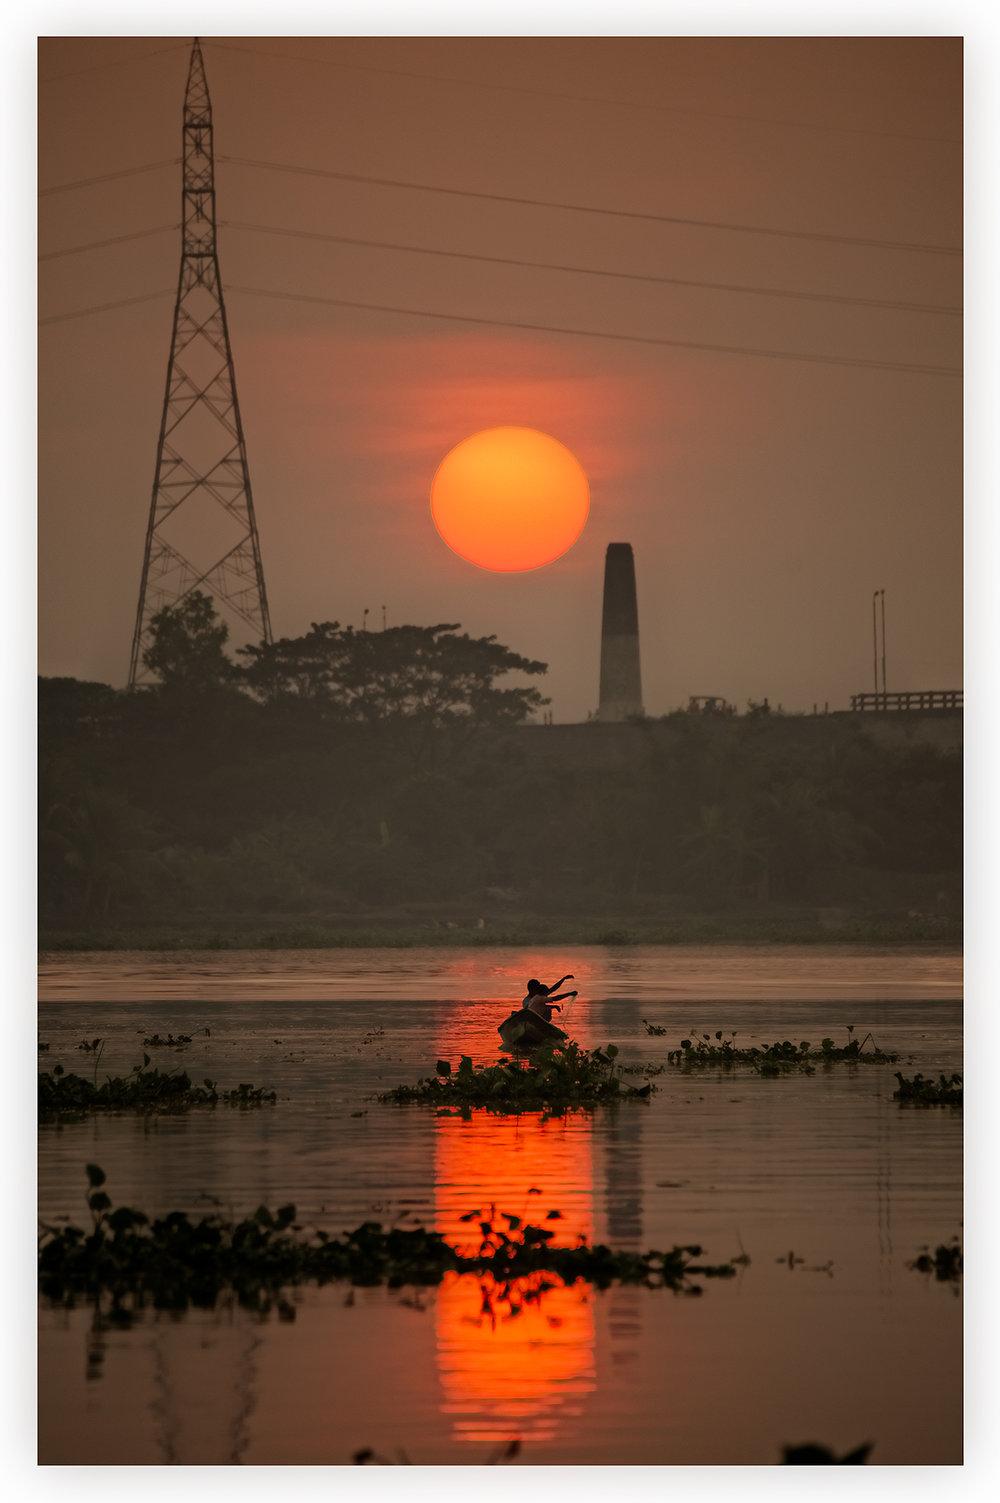 Near Barisal, Bangladesh